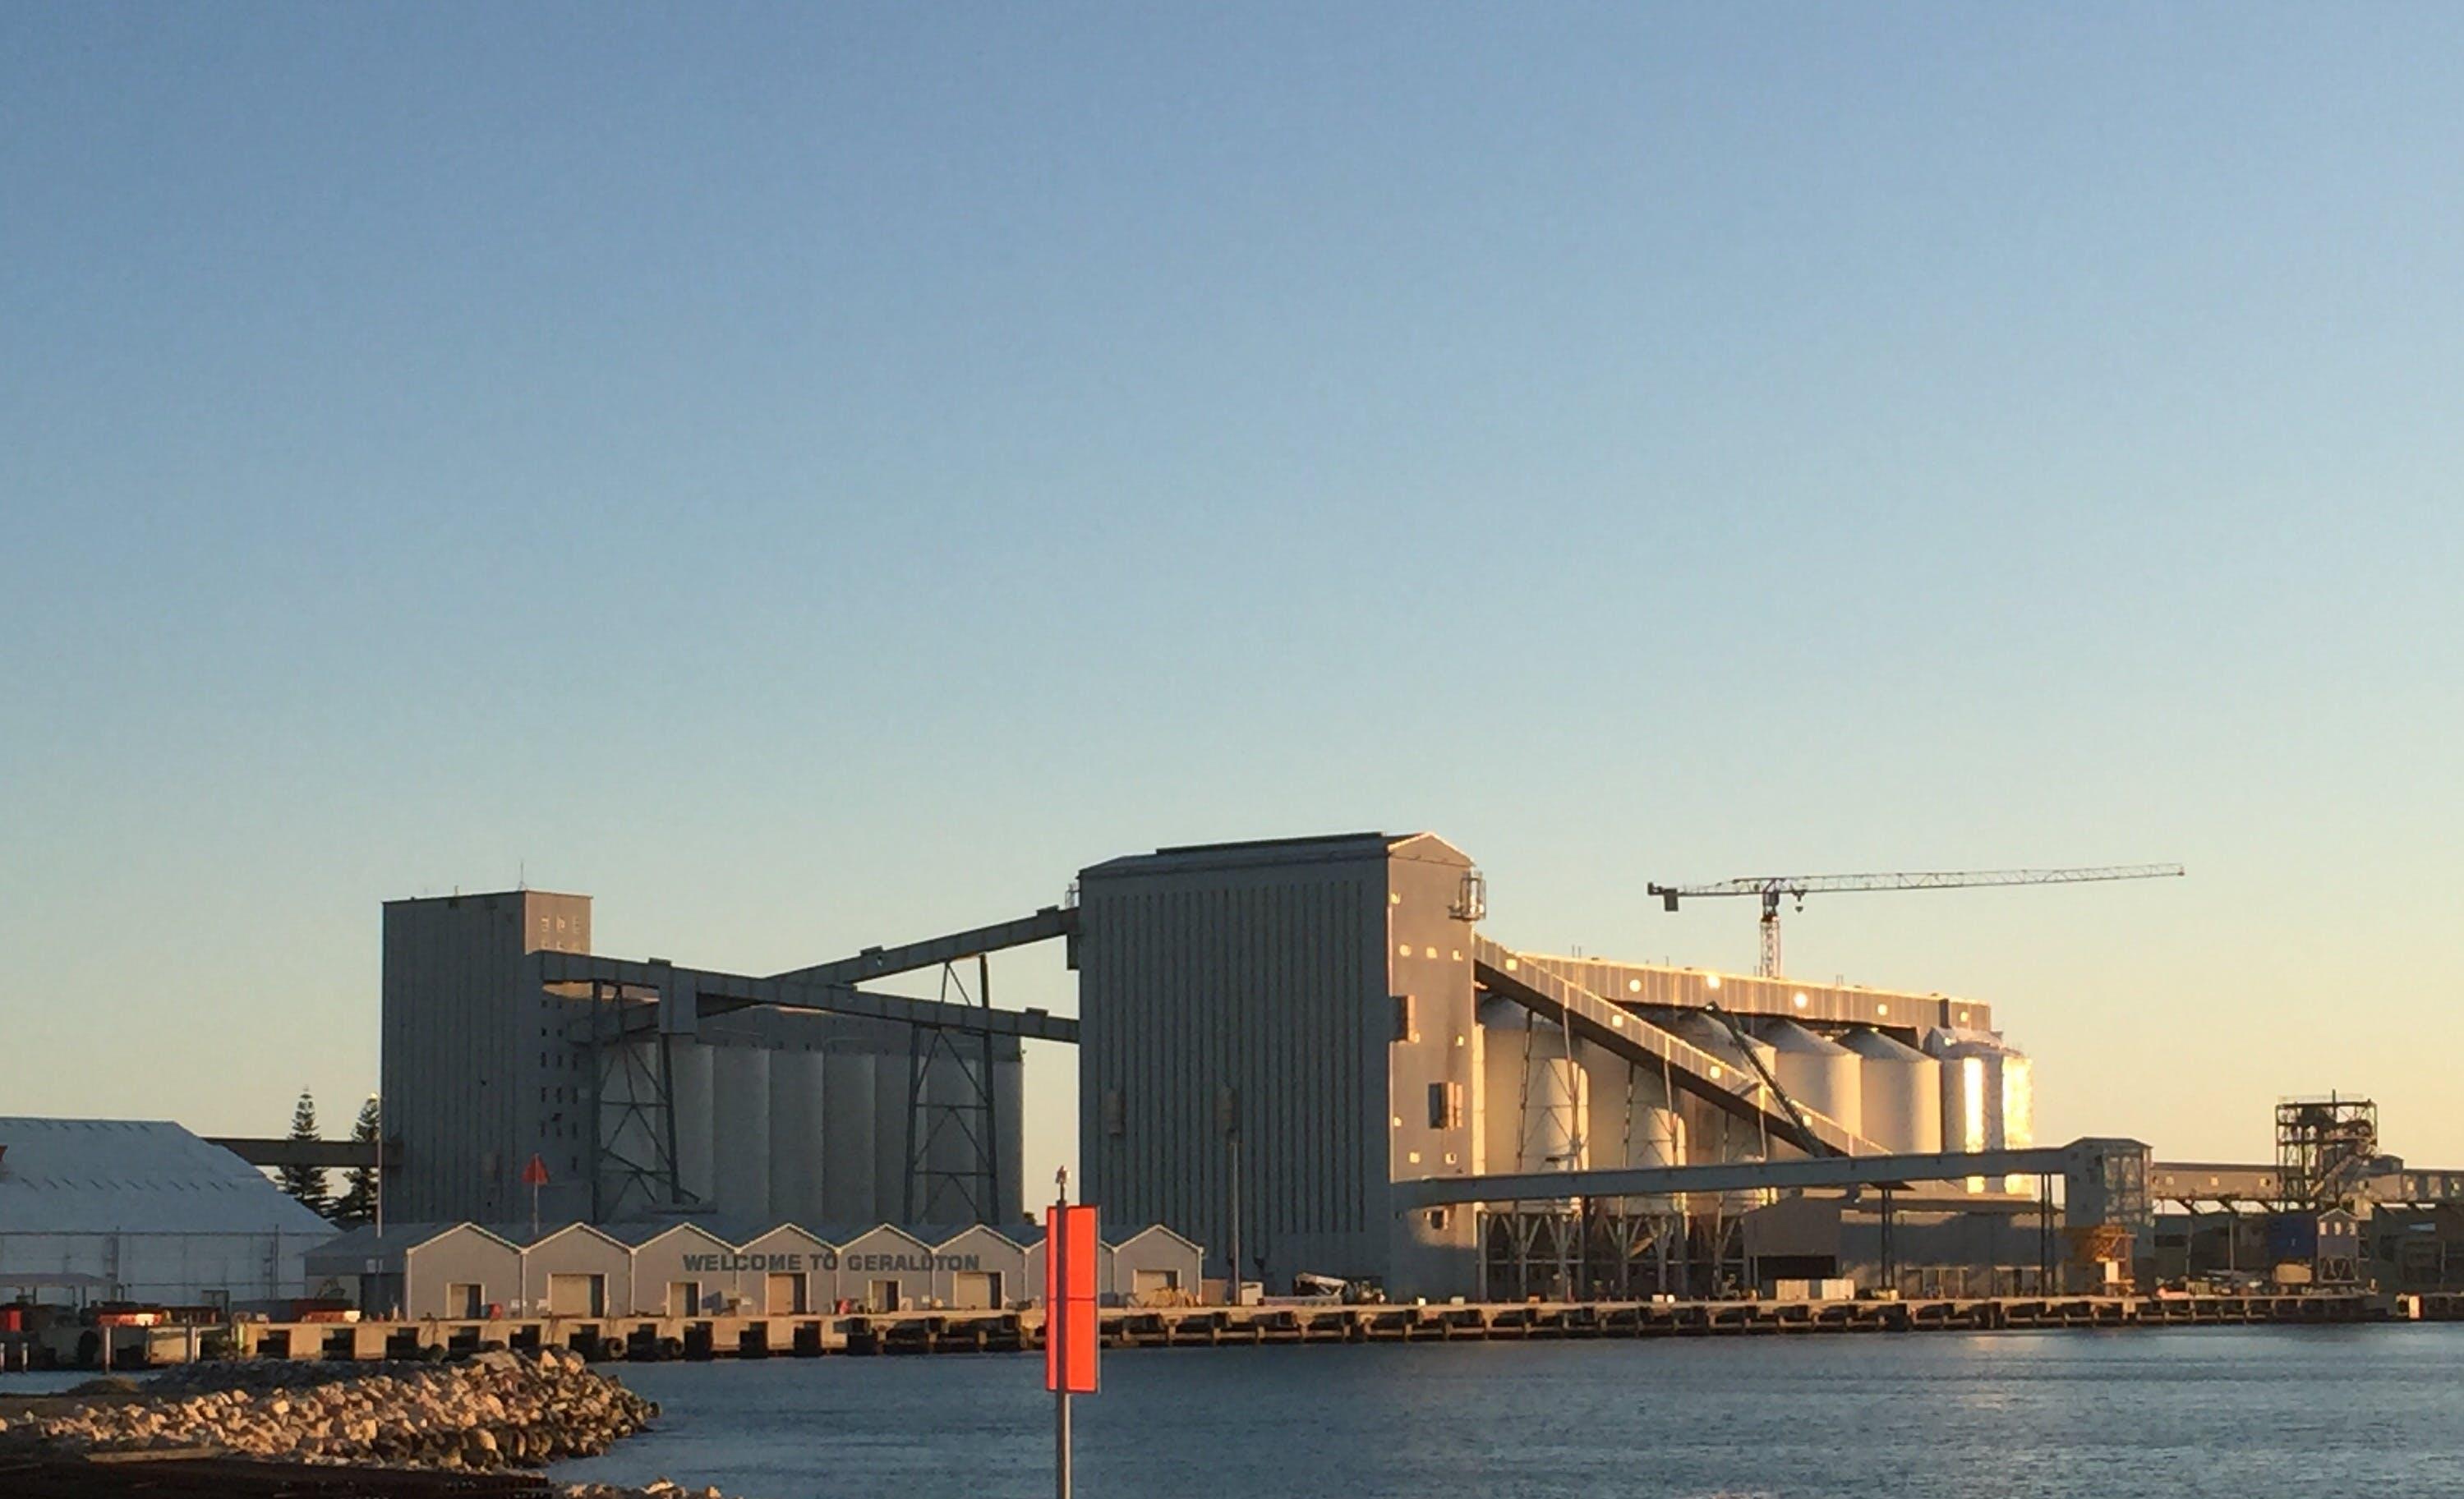 Image of a bulk handling facility at a port.